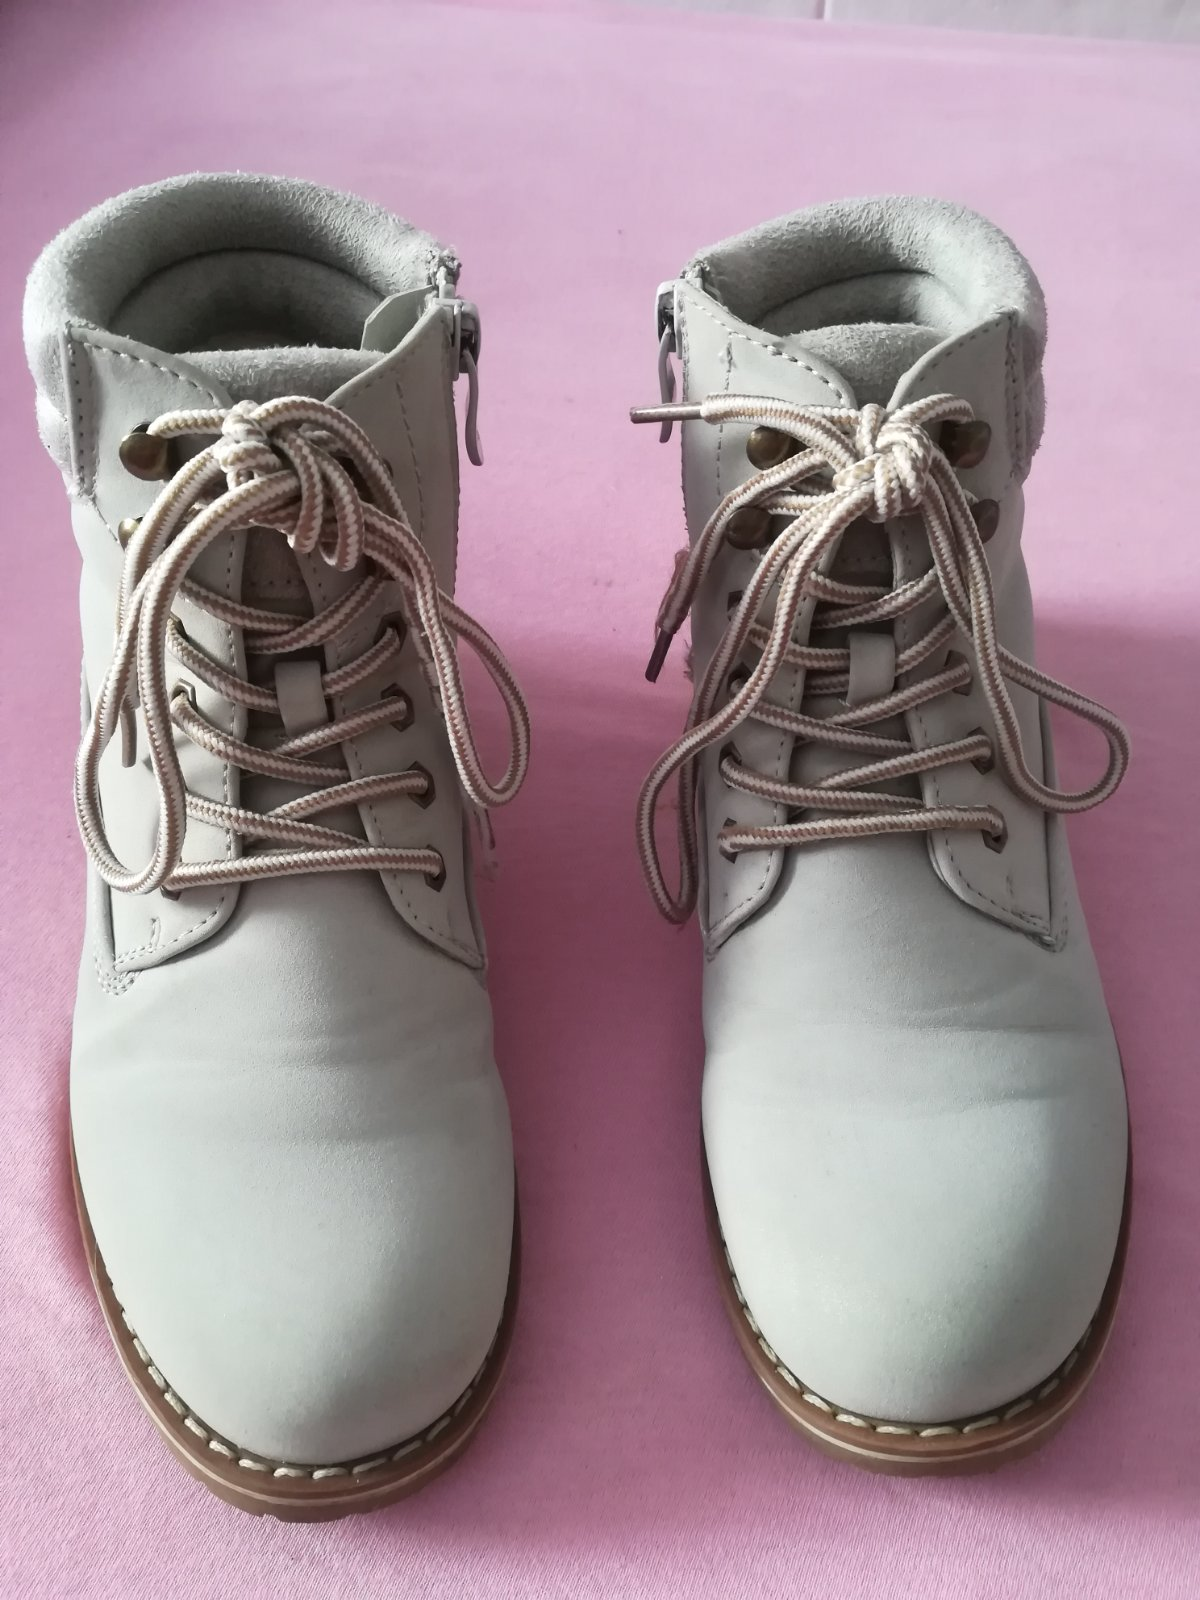 Zateplene topánky ccc 24c126a4c28